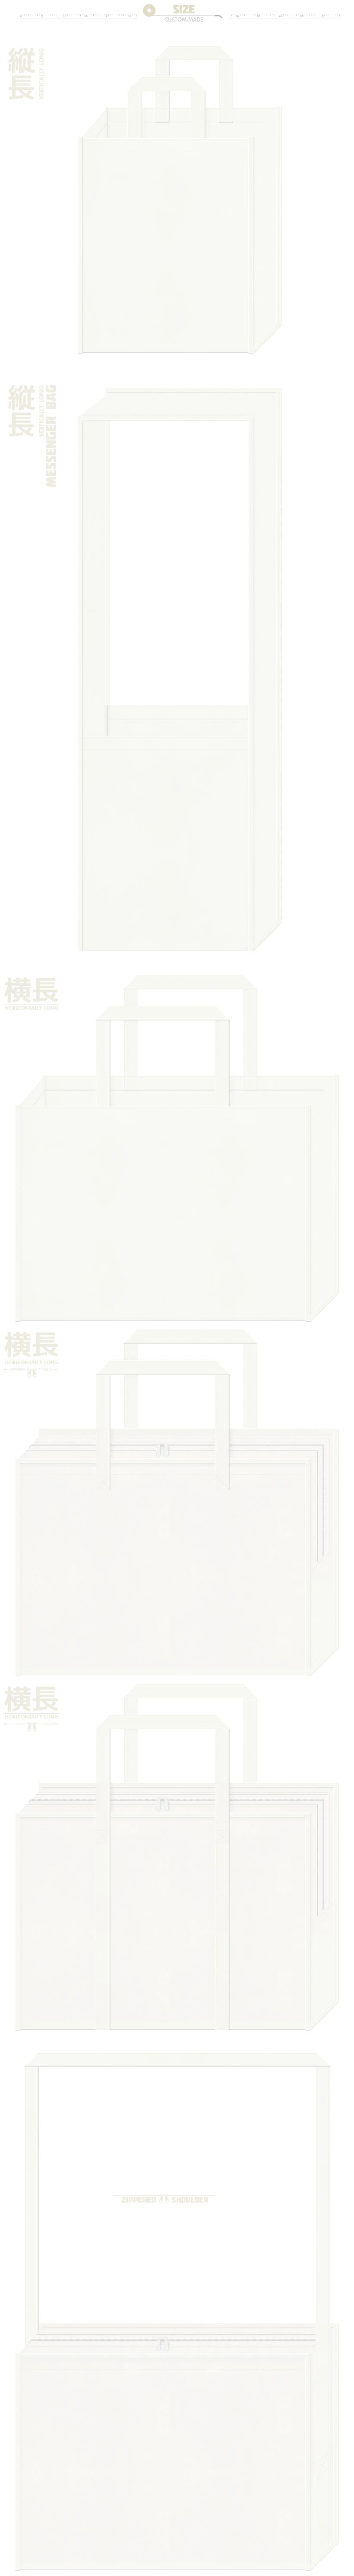 オフホワイト色の不織布バッグ:お奨めのイメージは、白寿・鶴・白無垢・餅米・団子・白玉・うどん・麹・豆乳・豆腐・濃厚ミルク・練乳・ソフトクリーム・マシュマロ・シュガー・和紙・障子紙・ふすま紙・壁紙・和モダン・ナチュラル・アンティーク・レトロ・ゴシック・ブラウス・エンジェル・ウェディング・ドレス・ブーケ・コスメ・美白・パール・貝殻・砂浜・ラビット・白くま・アルパカ等です。